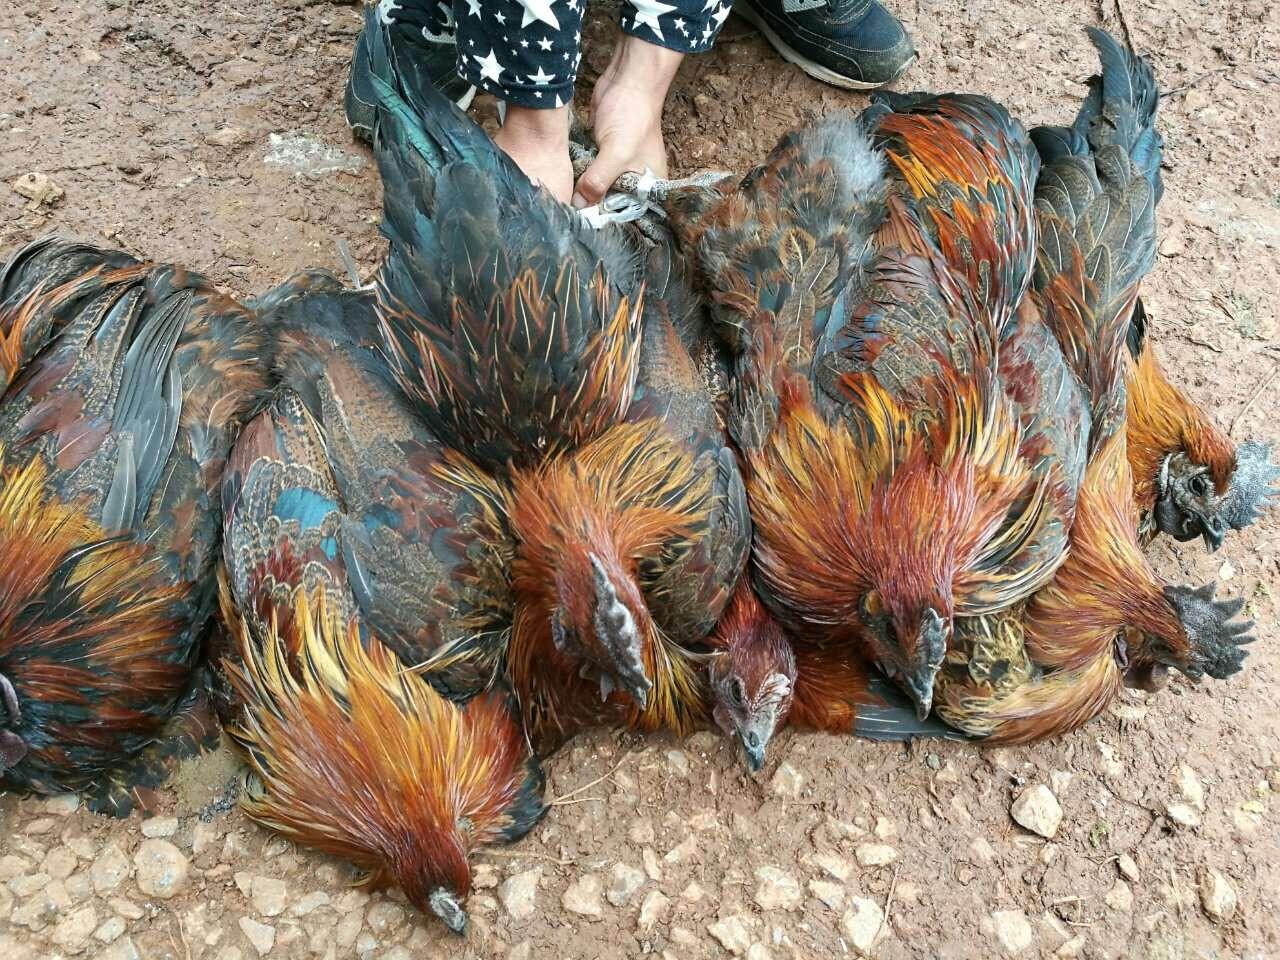 养鸡挣钱的十条铁规律,收藏吧!